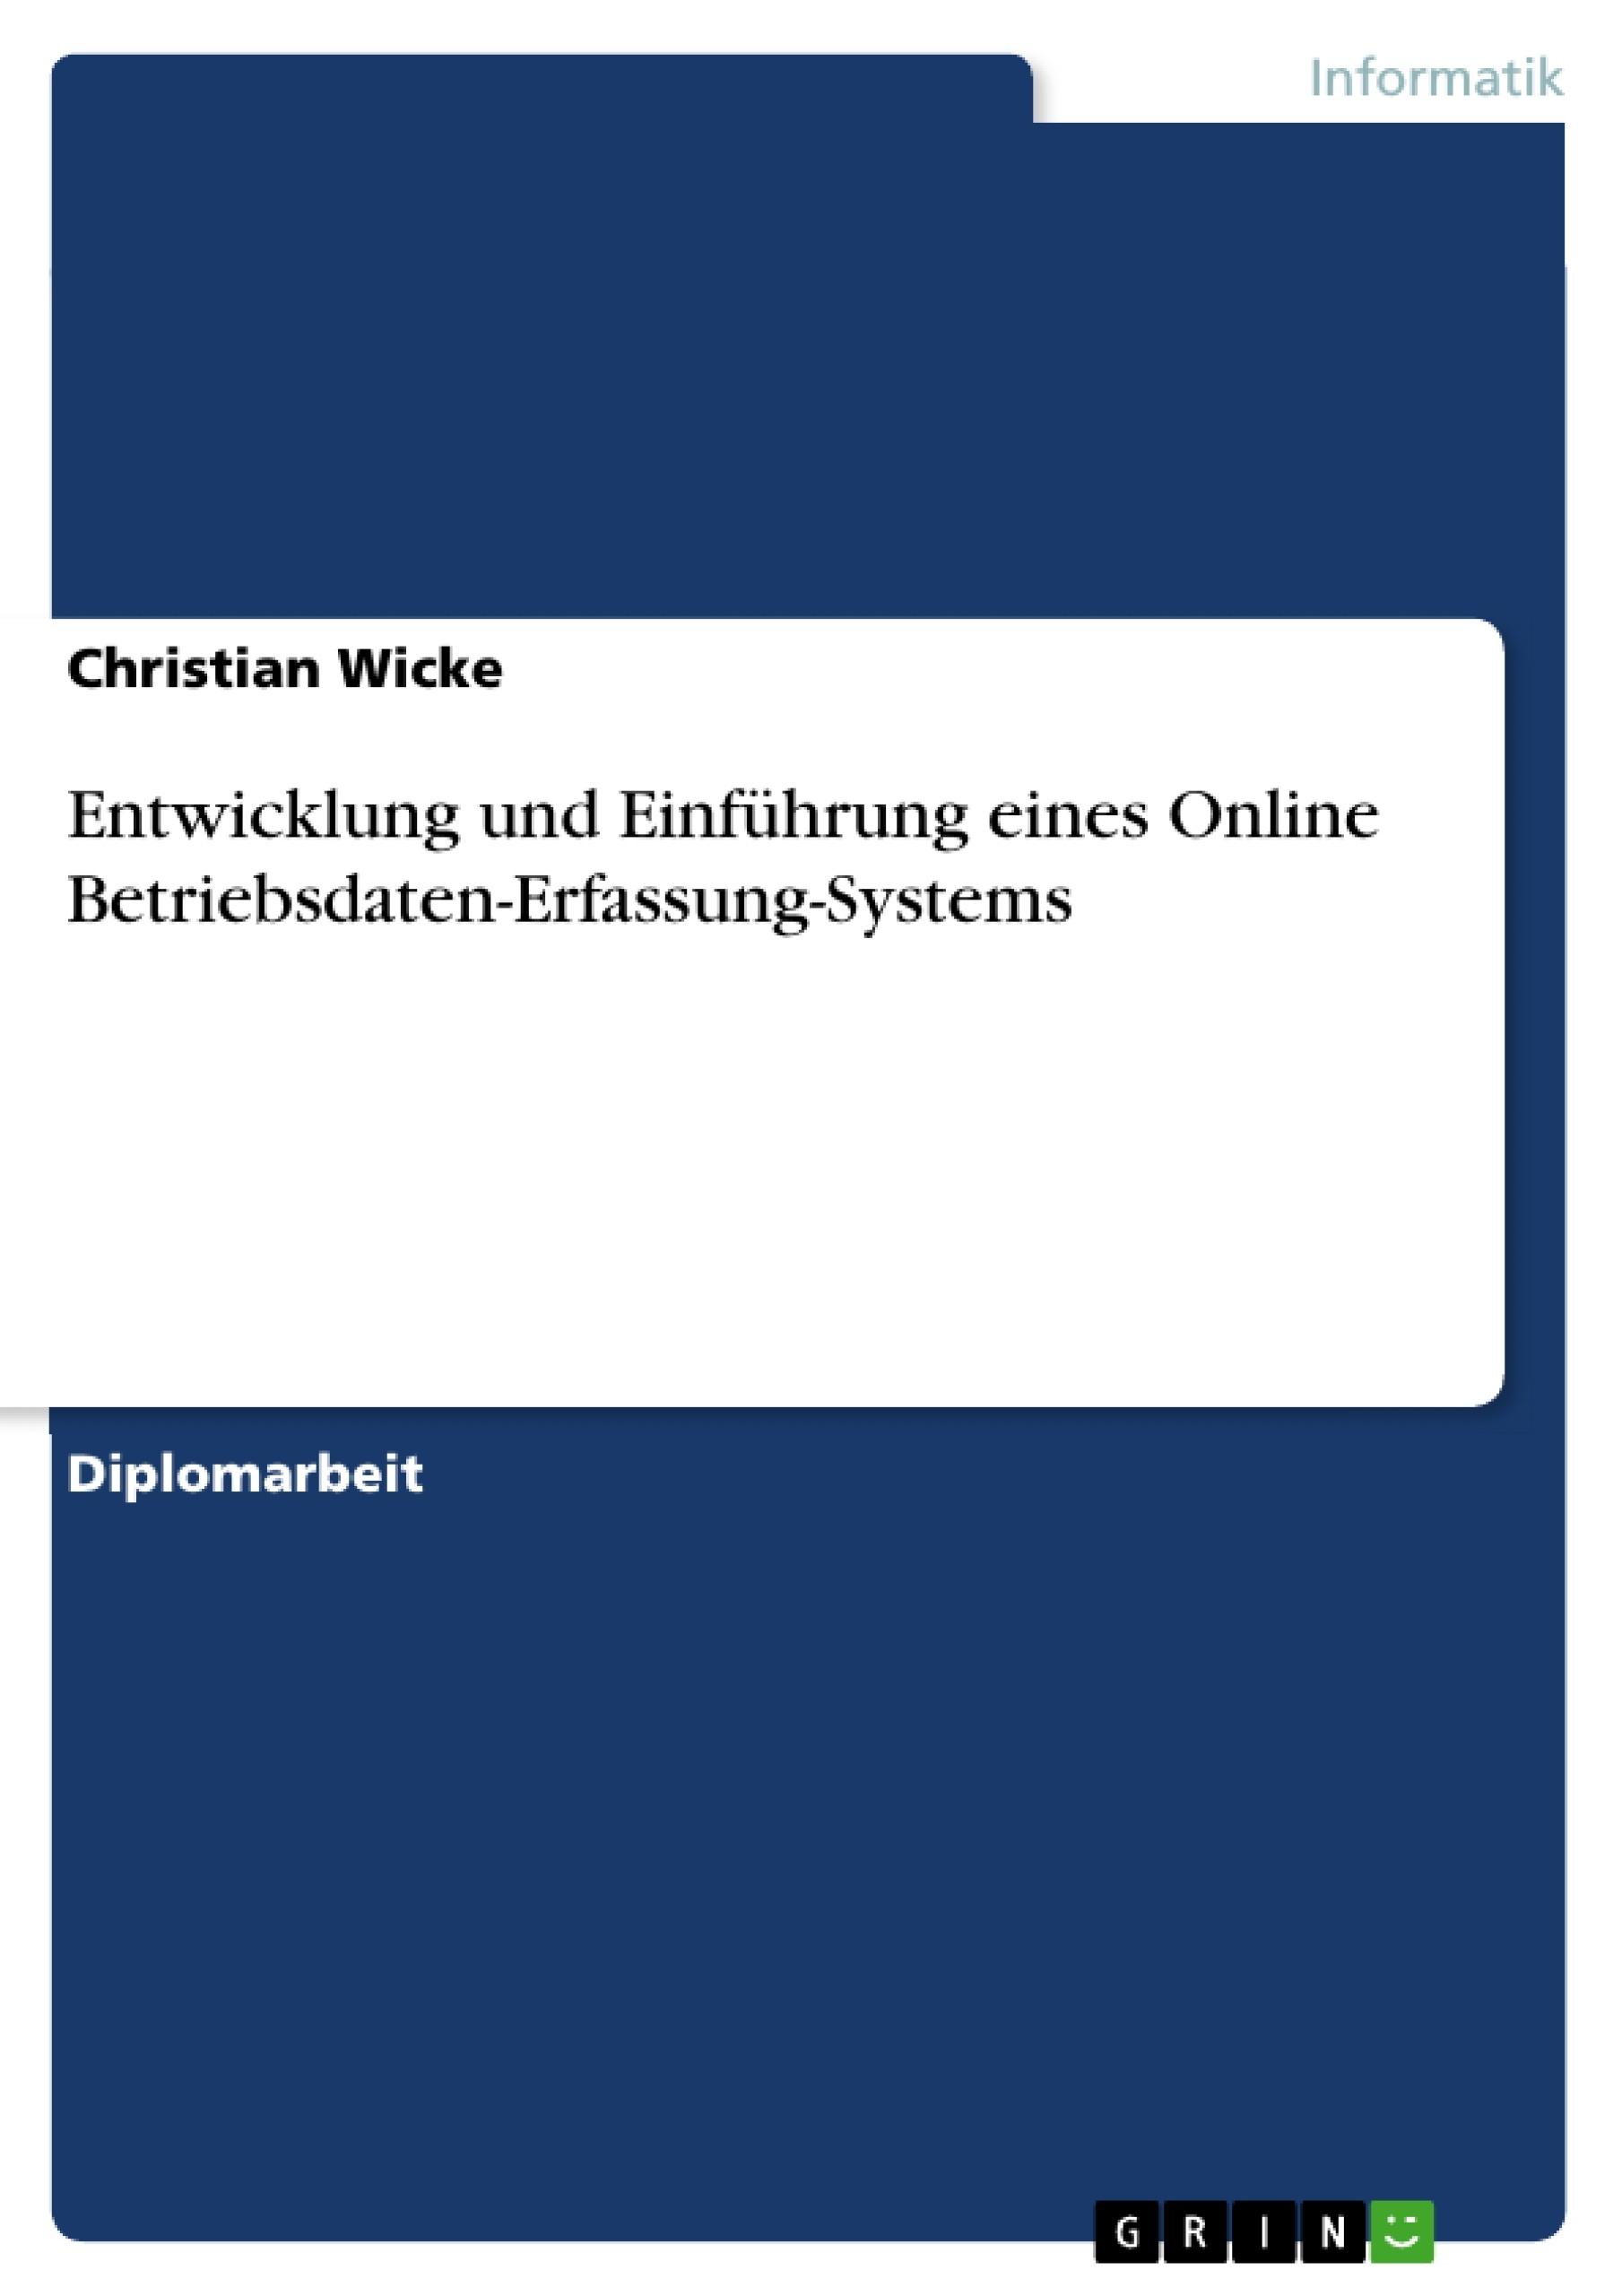 Titel: Entwicklung und Einführung eines Online Betriebsdaten-Erfassung-Systems